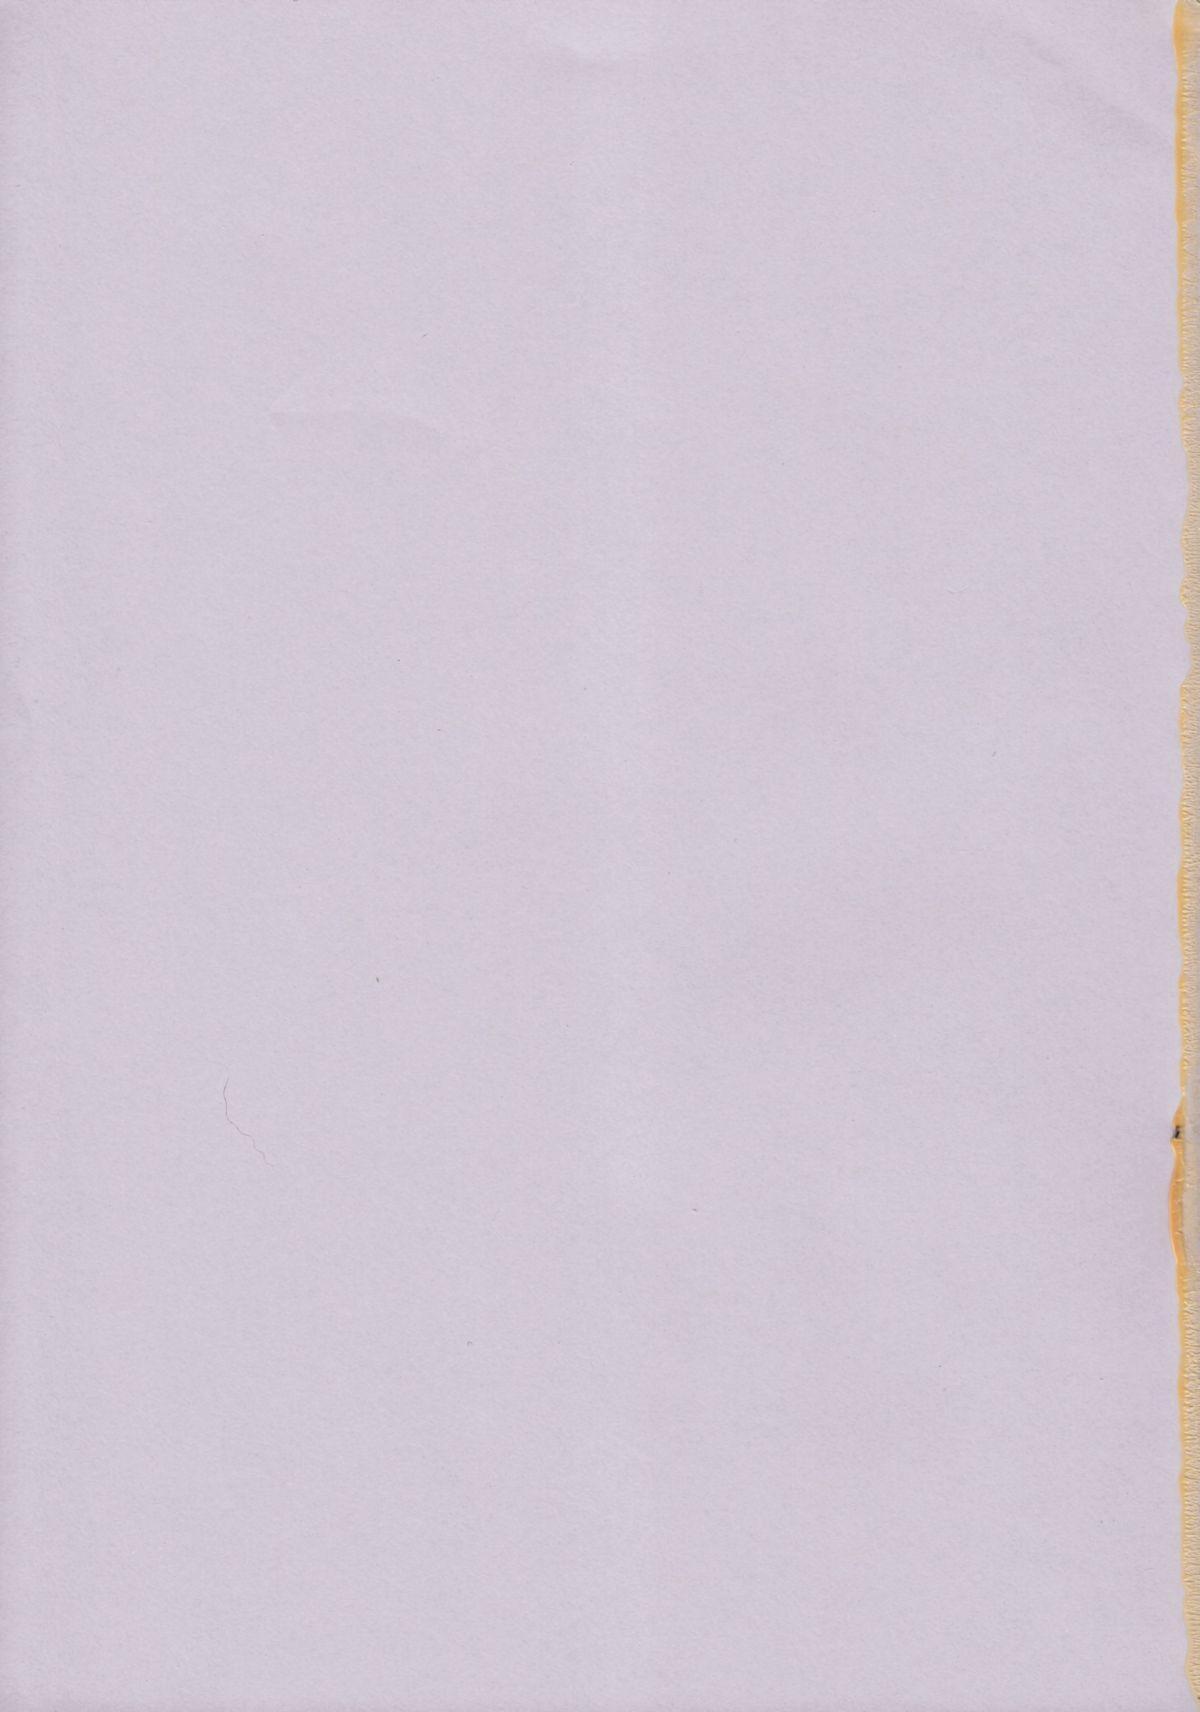 Ikenai! Otokonoko Hon Boy's H Book 2 1